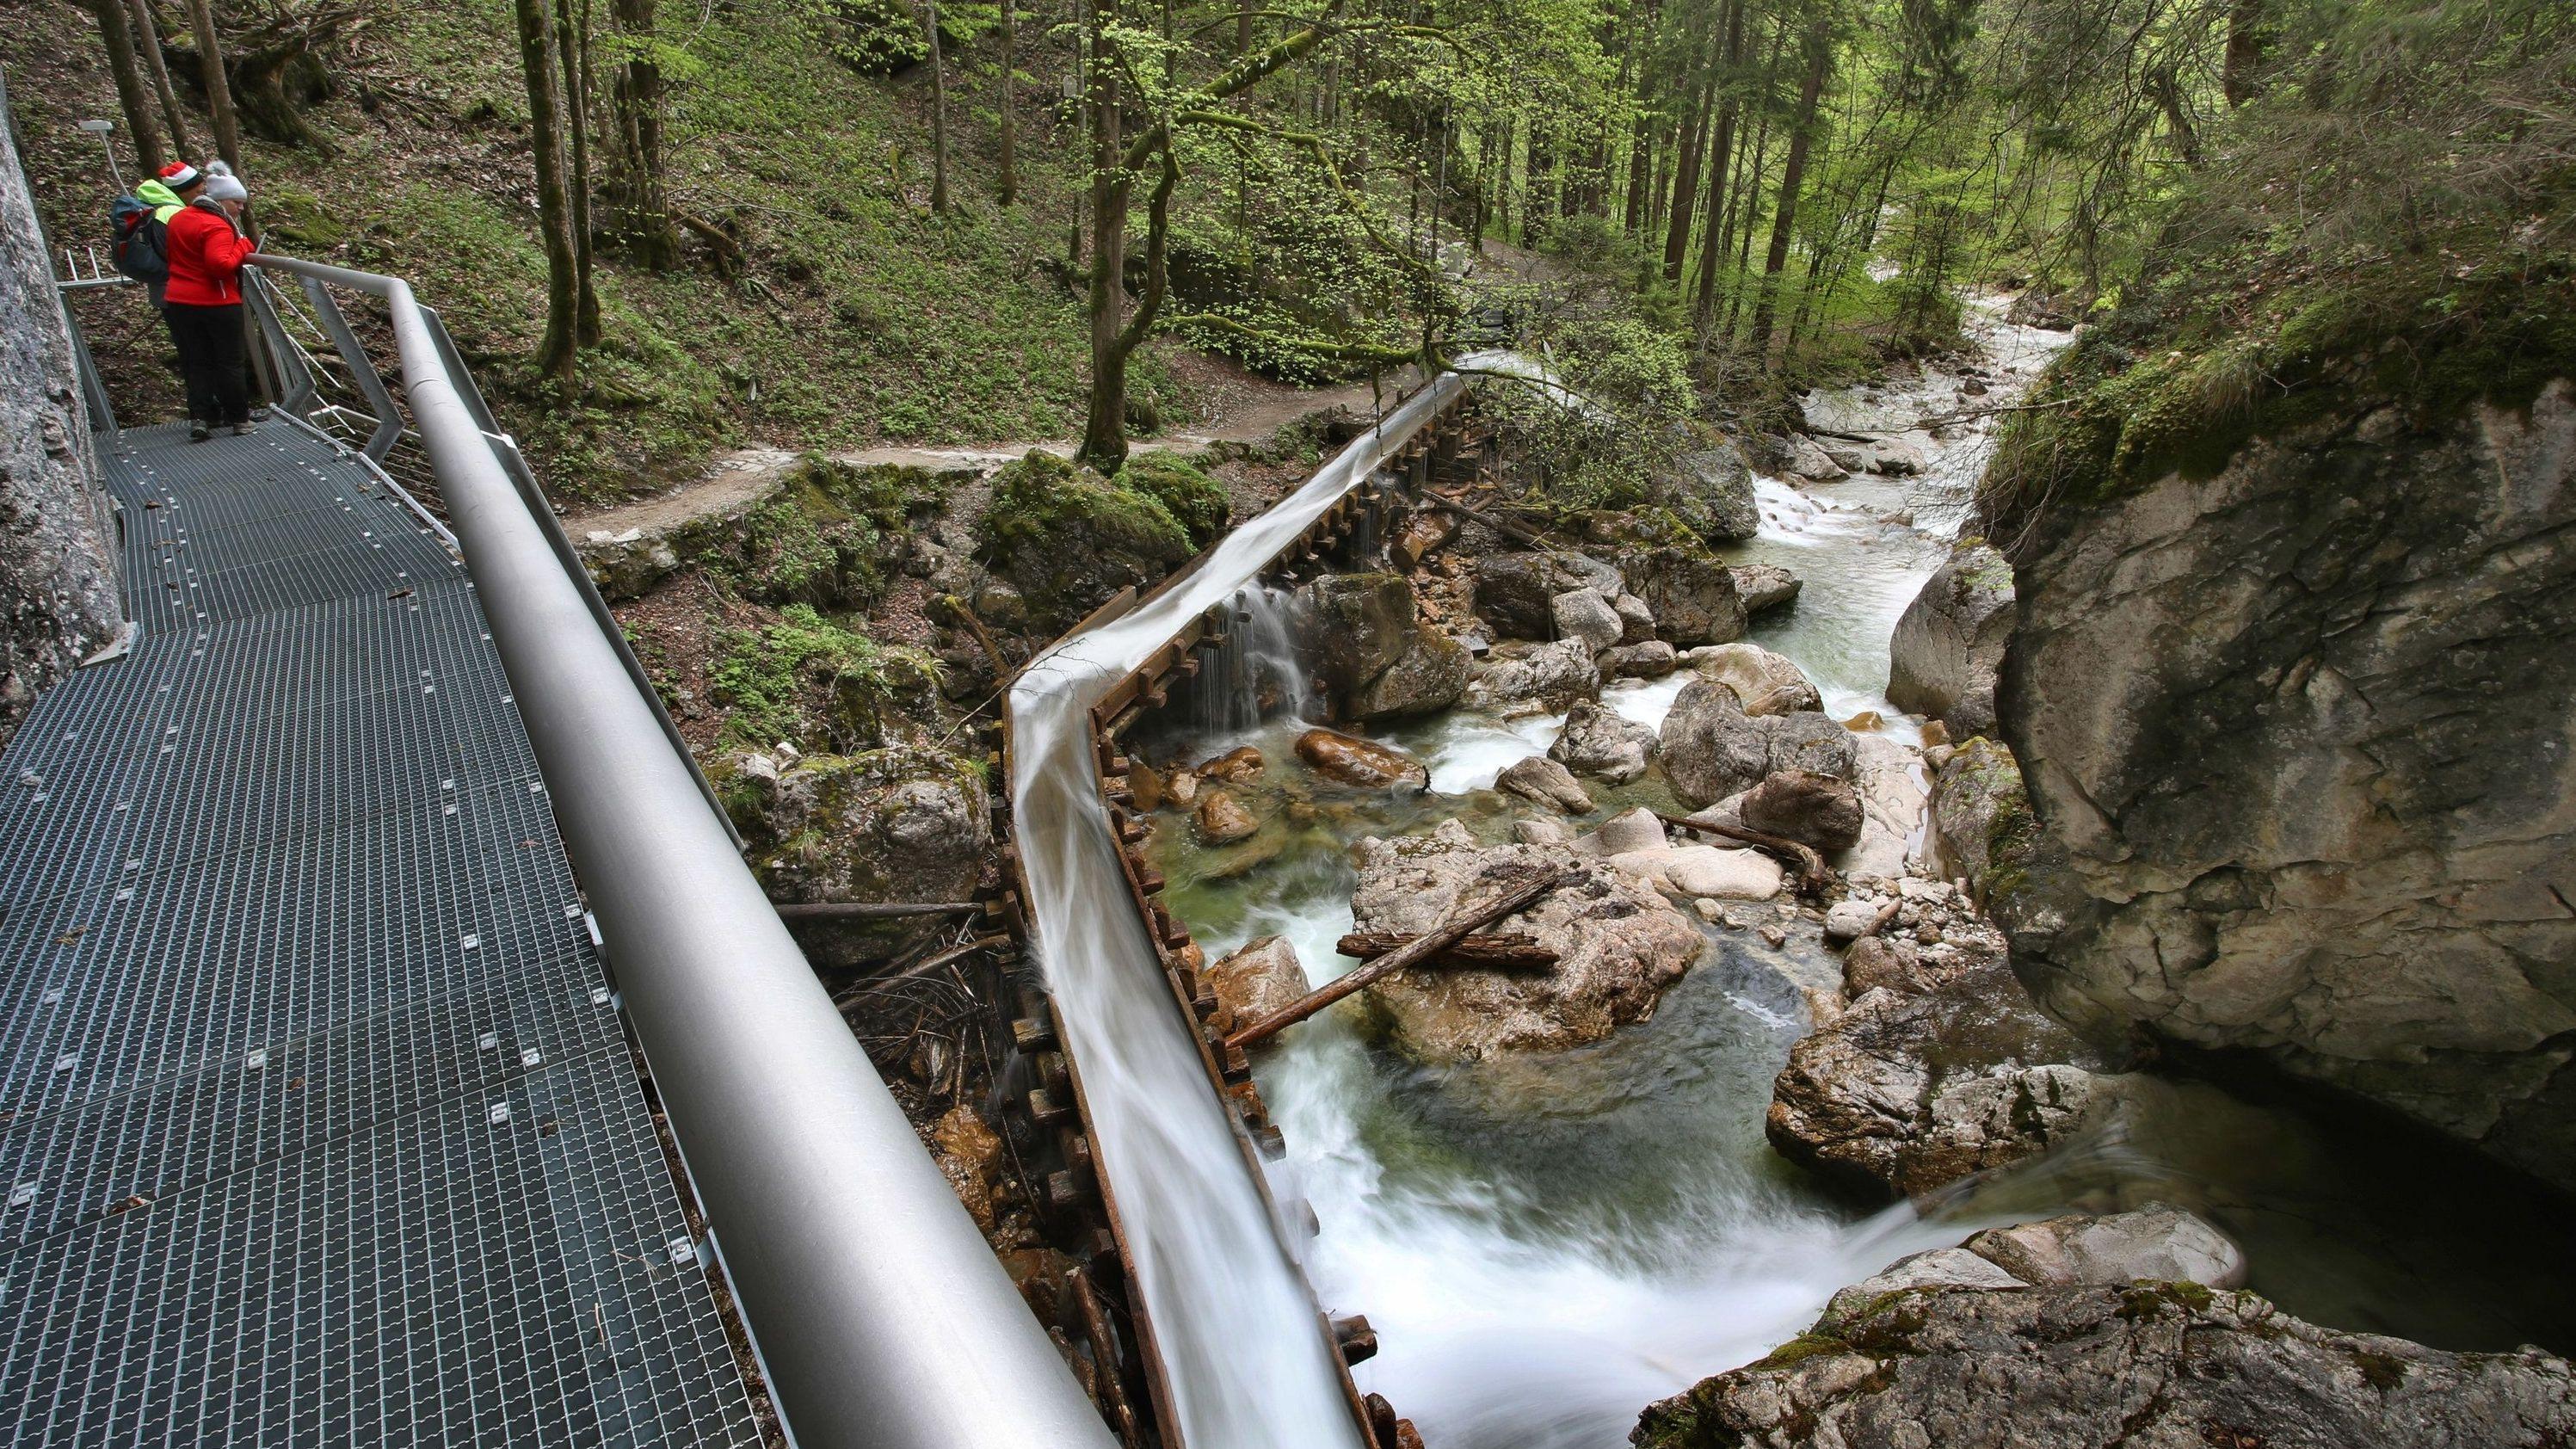 Das Wasser der Pöllat rauscht unter einem neu angelegten Metallsteg hindurch